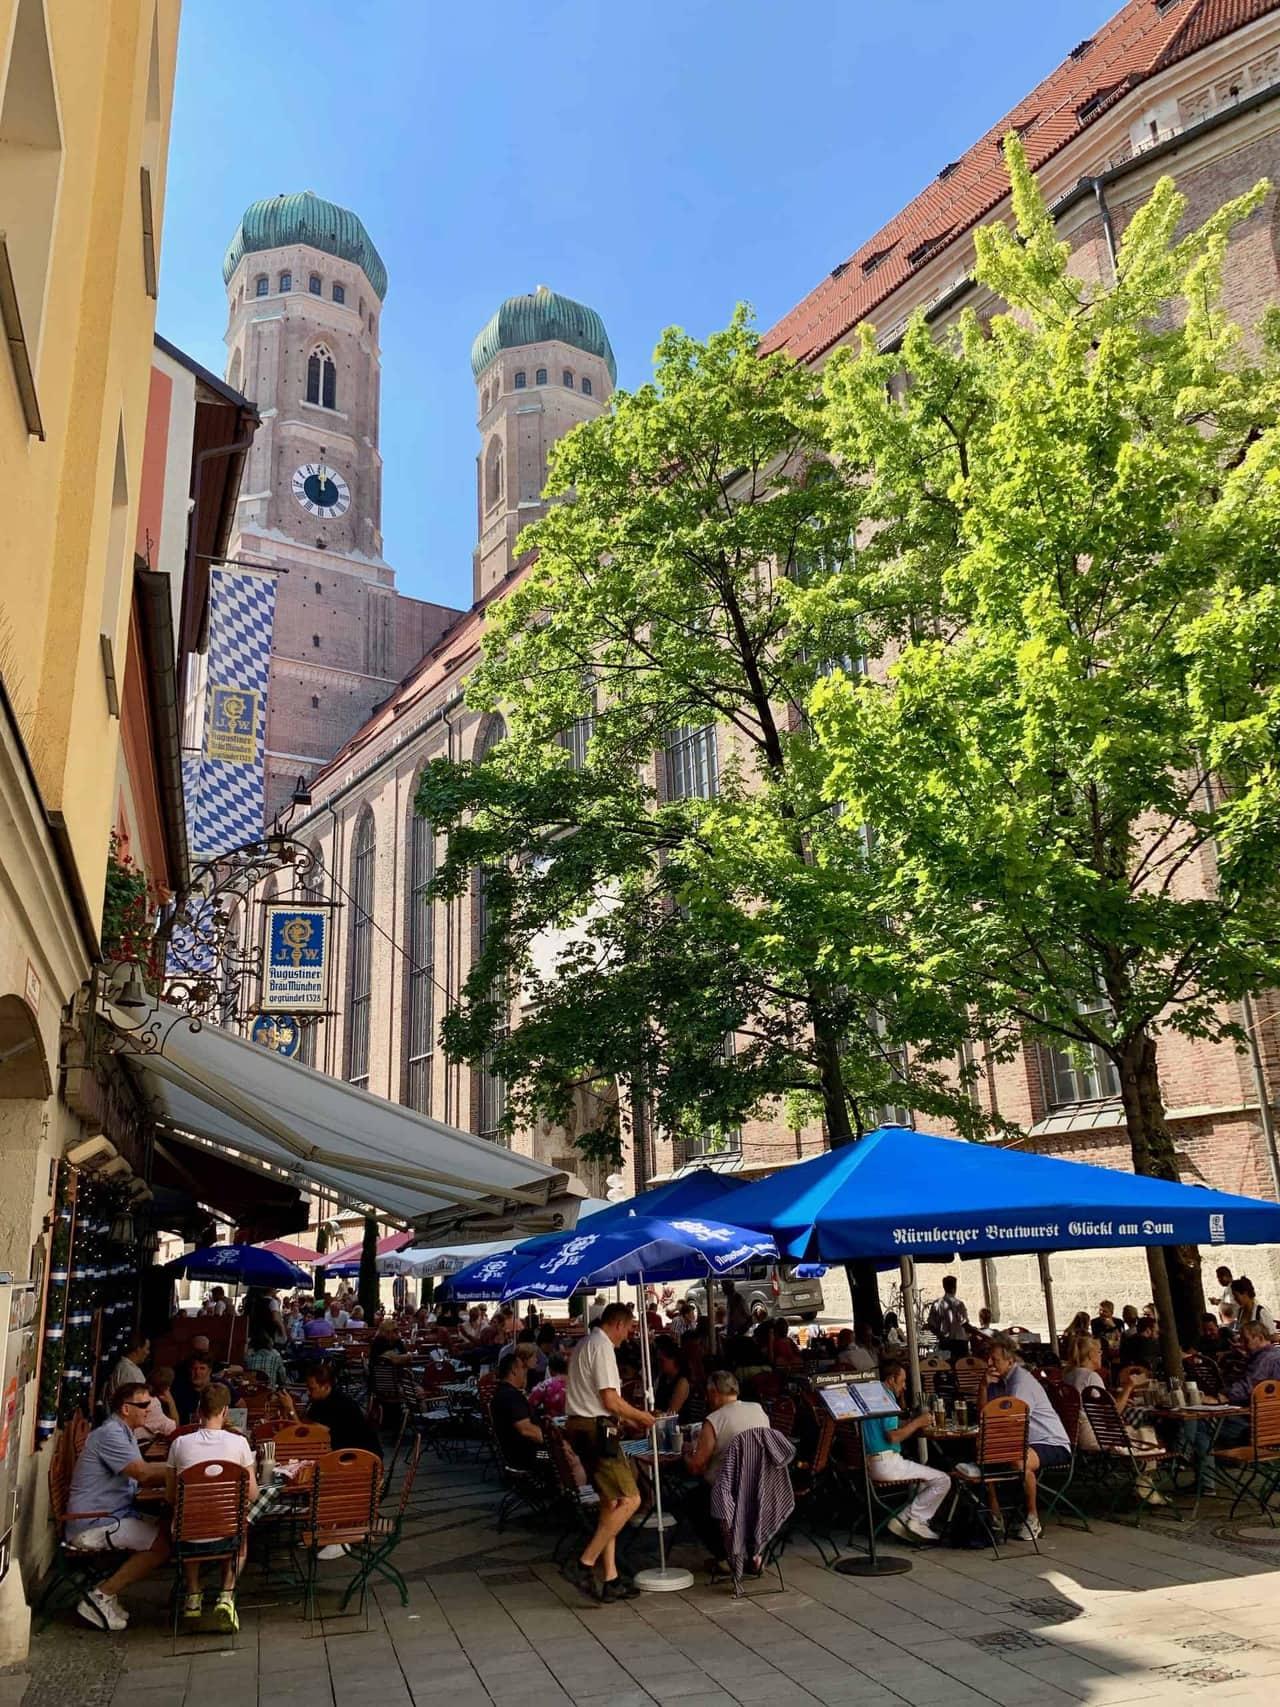 München_Bratwurstglöckl_Frauenkirche_Hintergrund